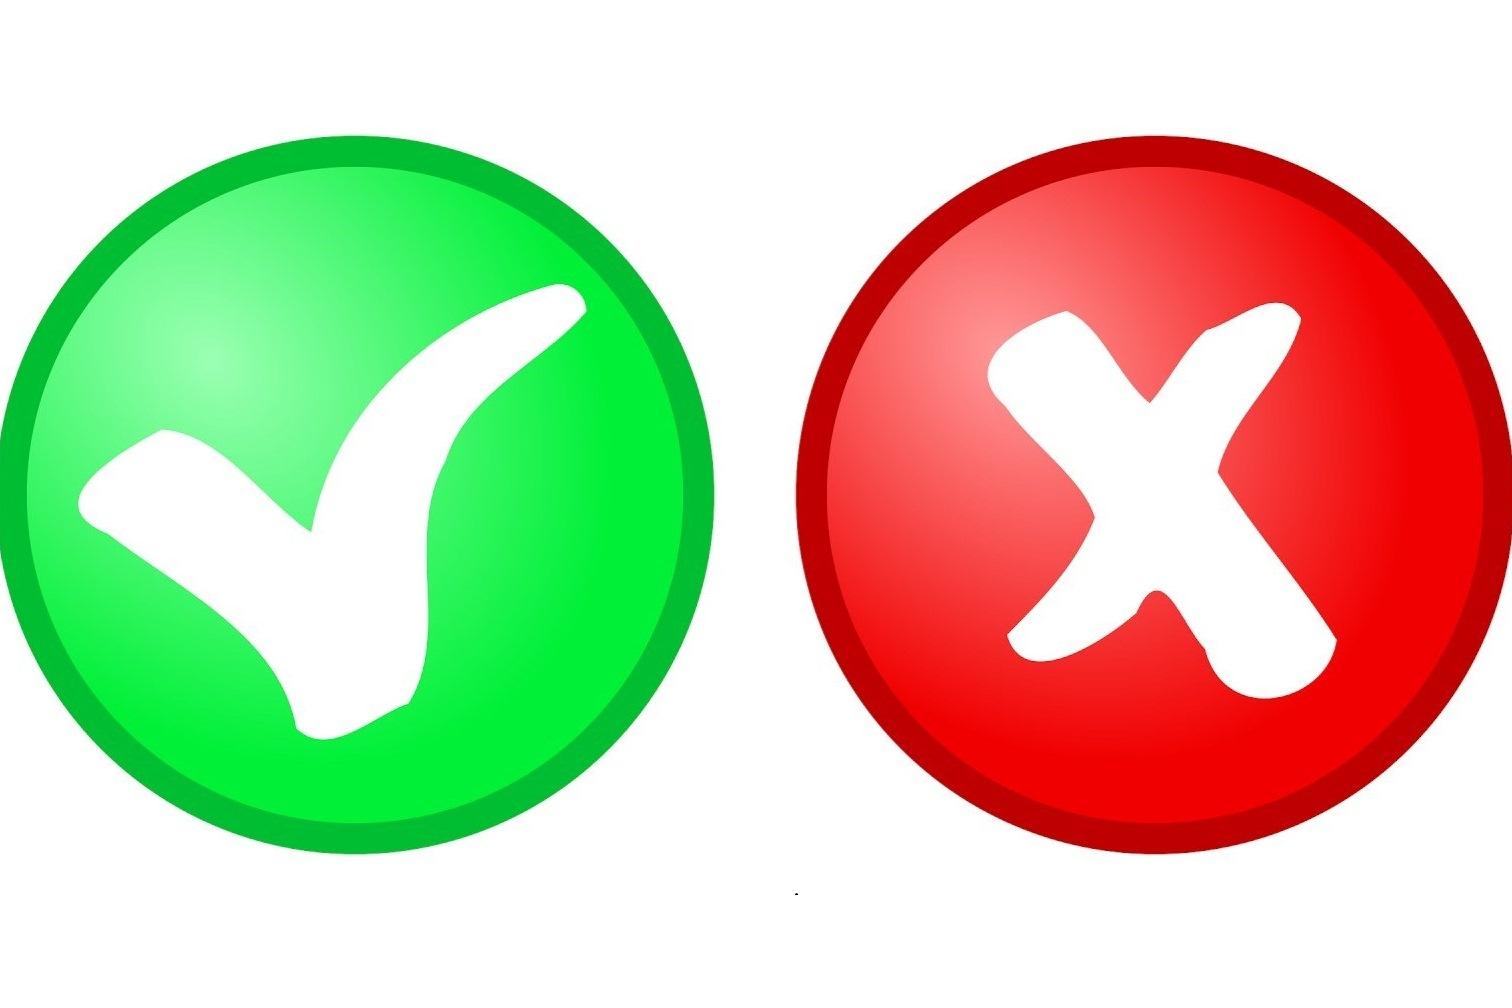 преимущества и недостатки электронного договора ОСАГО